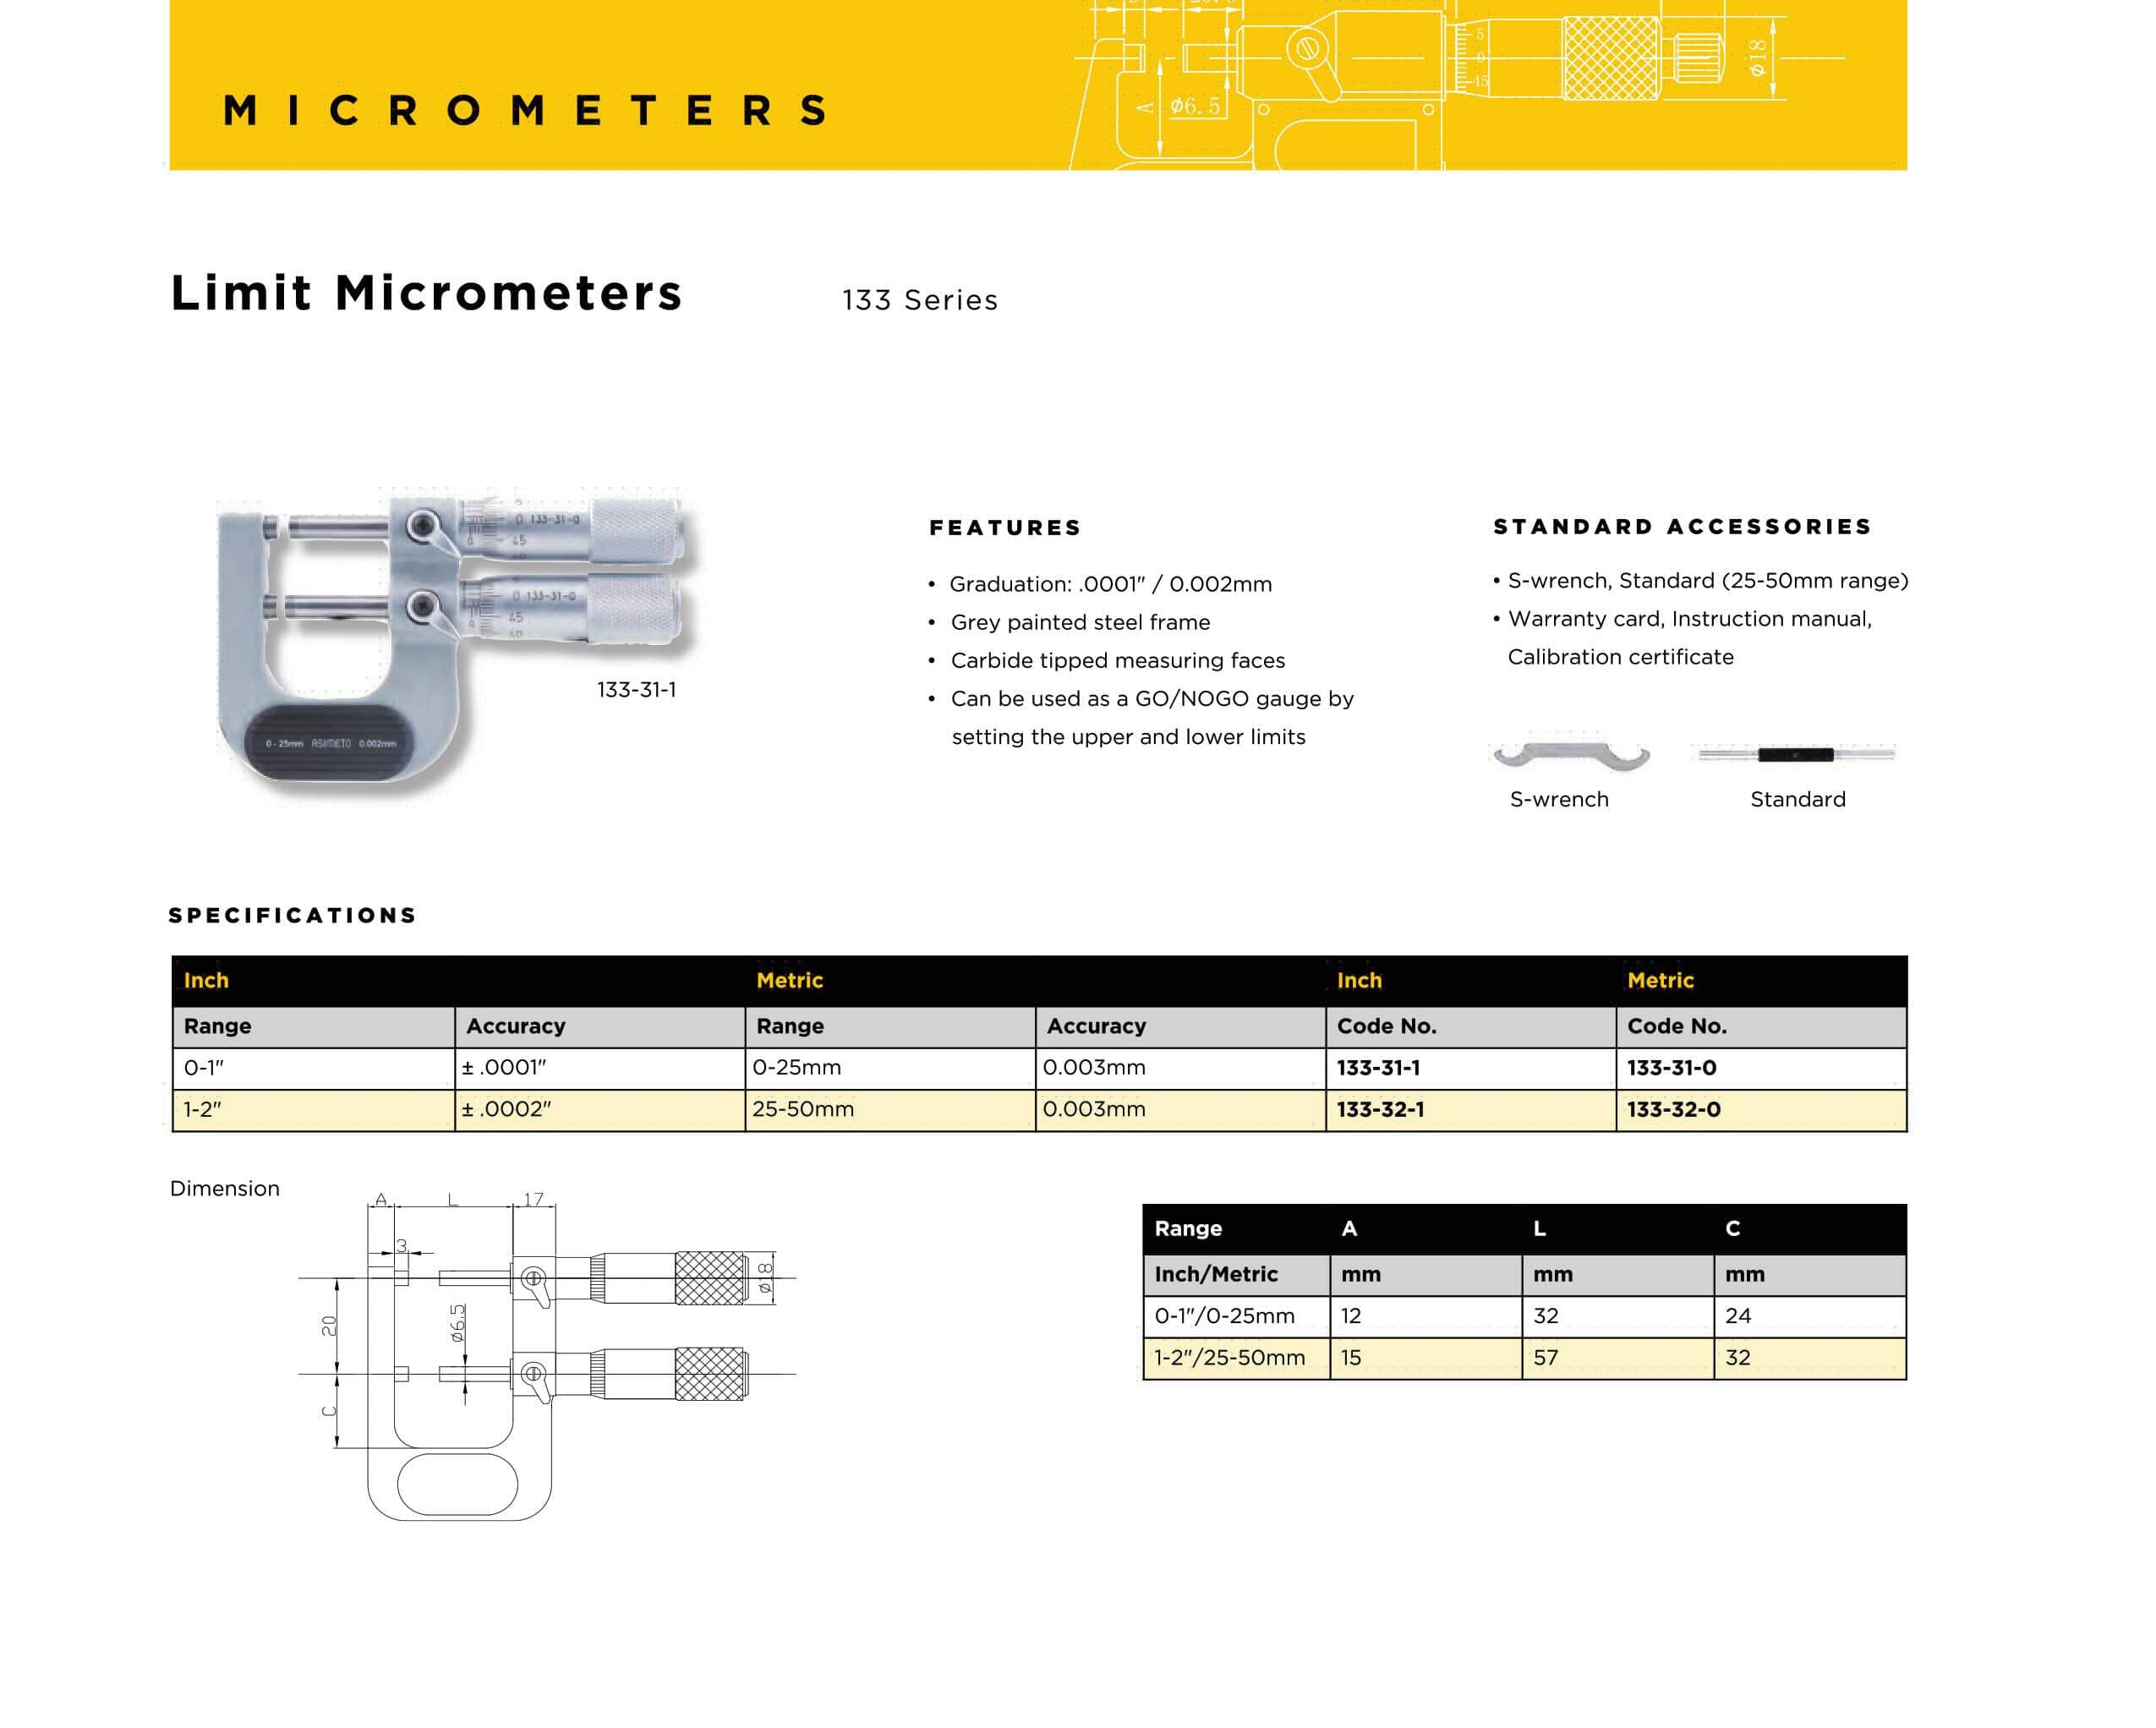 کاتالوگ میکرومتر خارج سنج دوقلو ( حدی ) آسیمتو asimeto